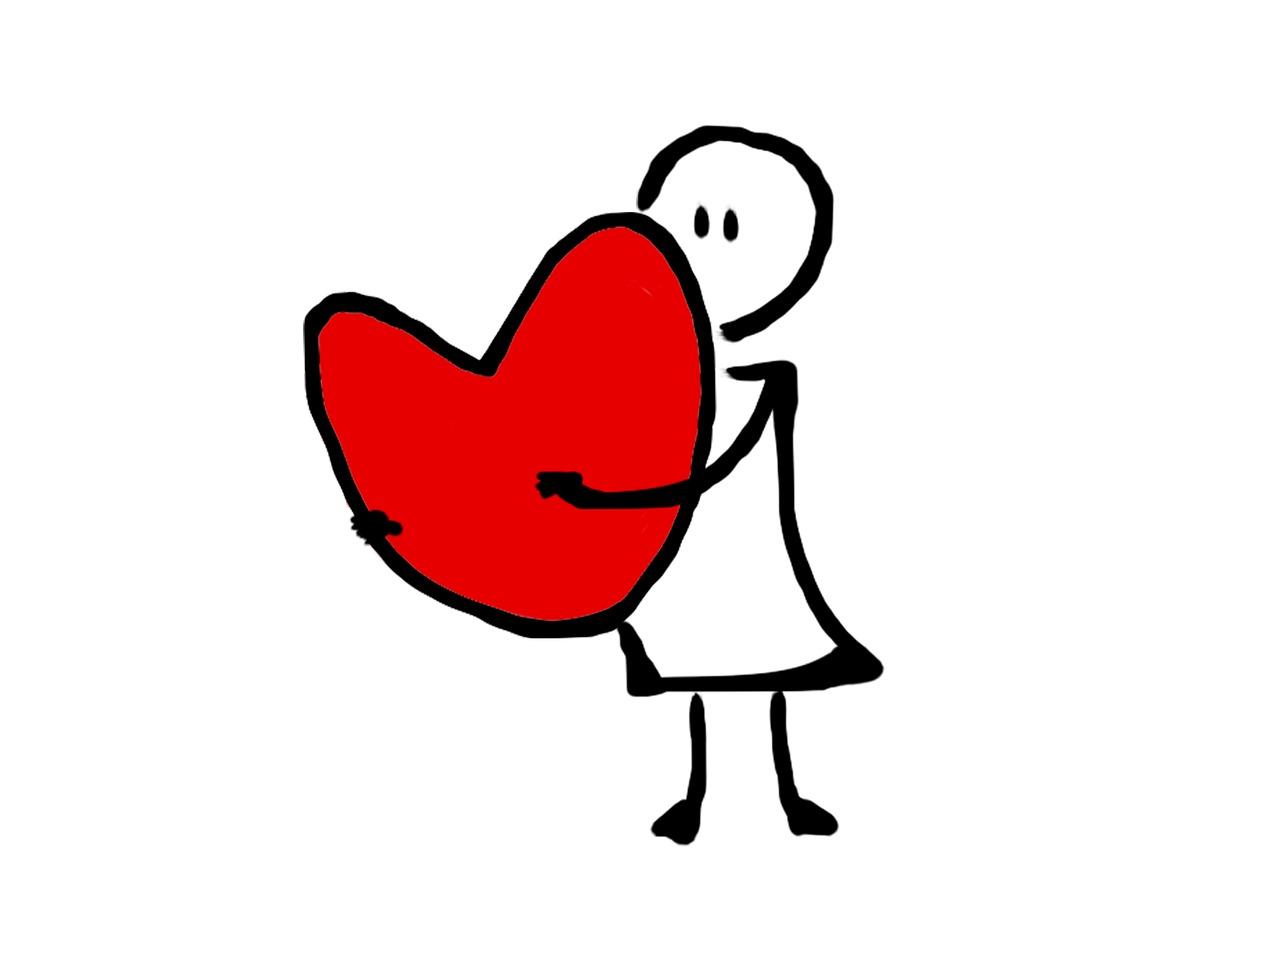 cuore che ama